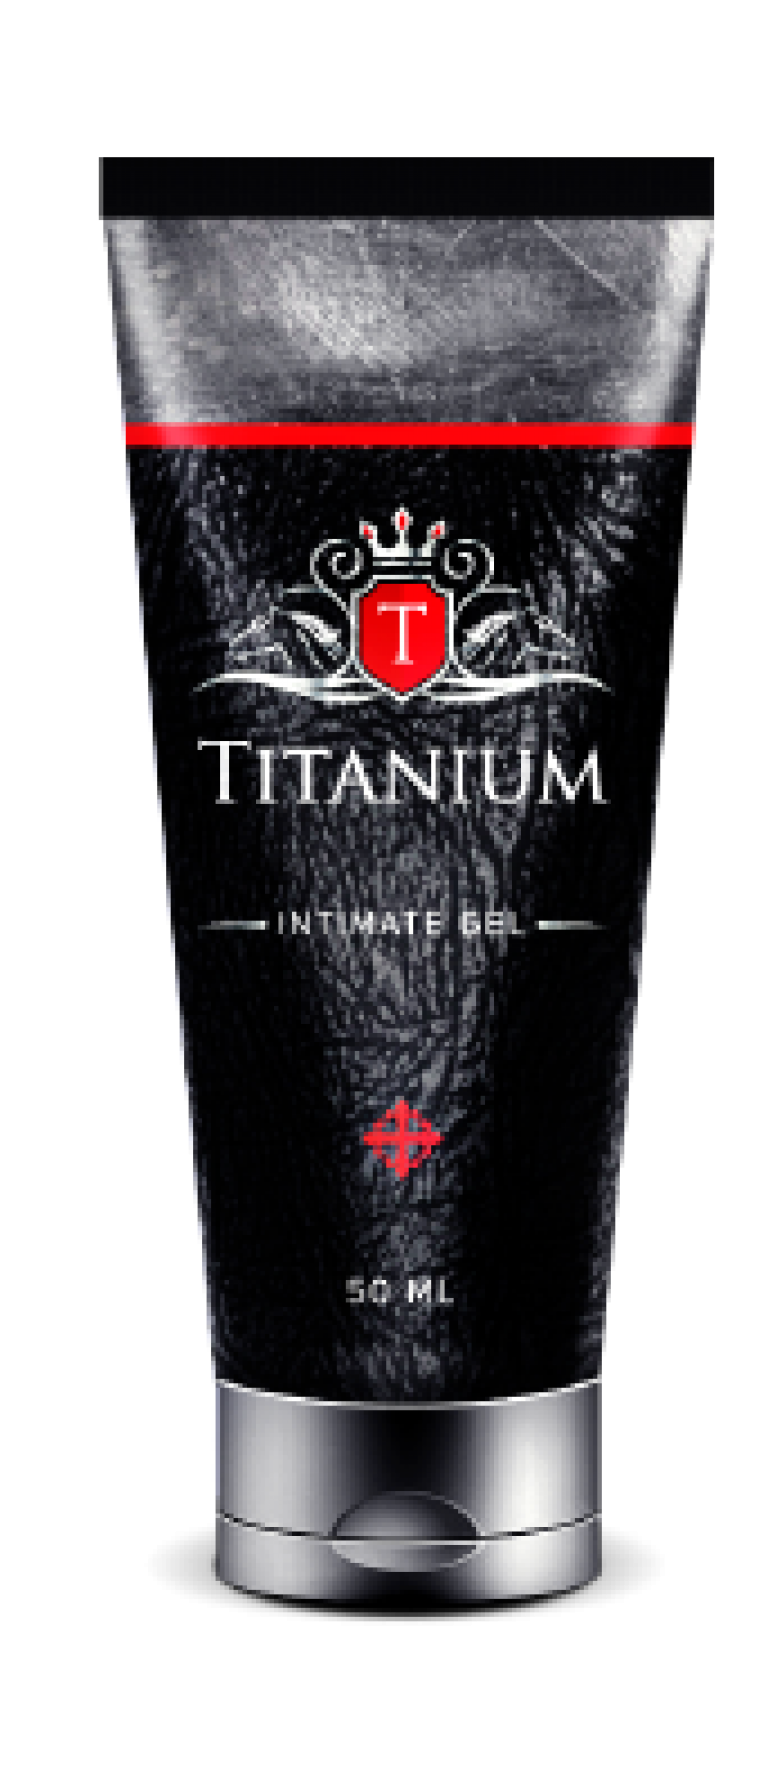 Titanium - крем для увеличения члена в Березниках